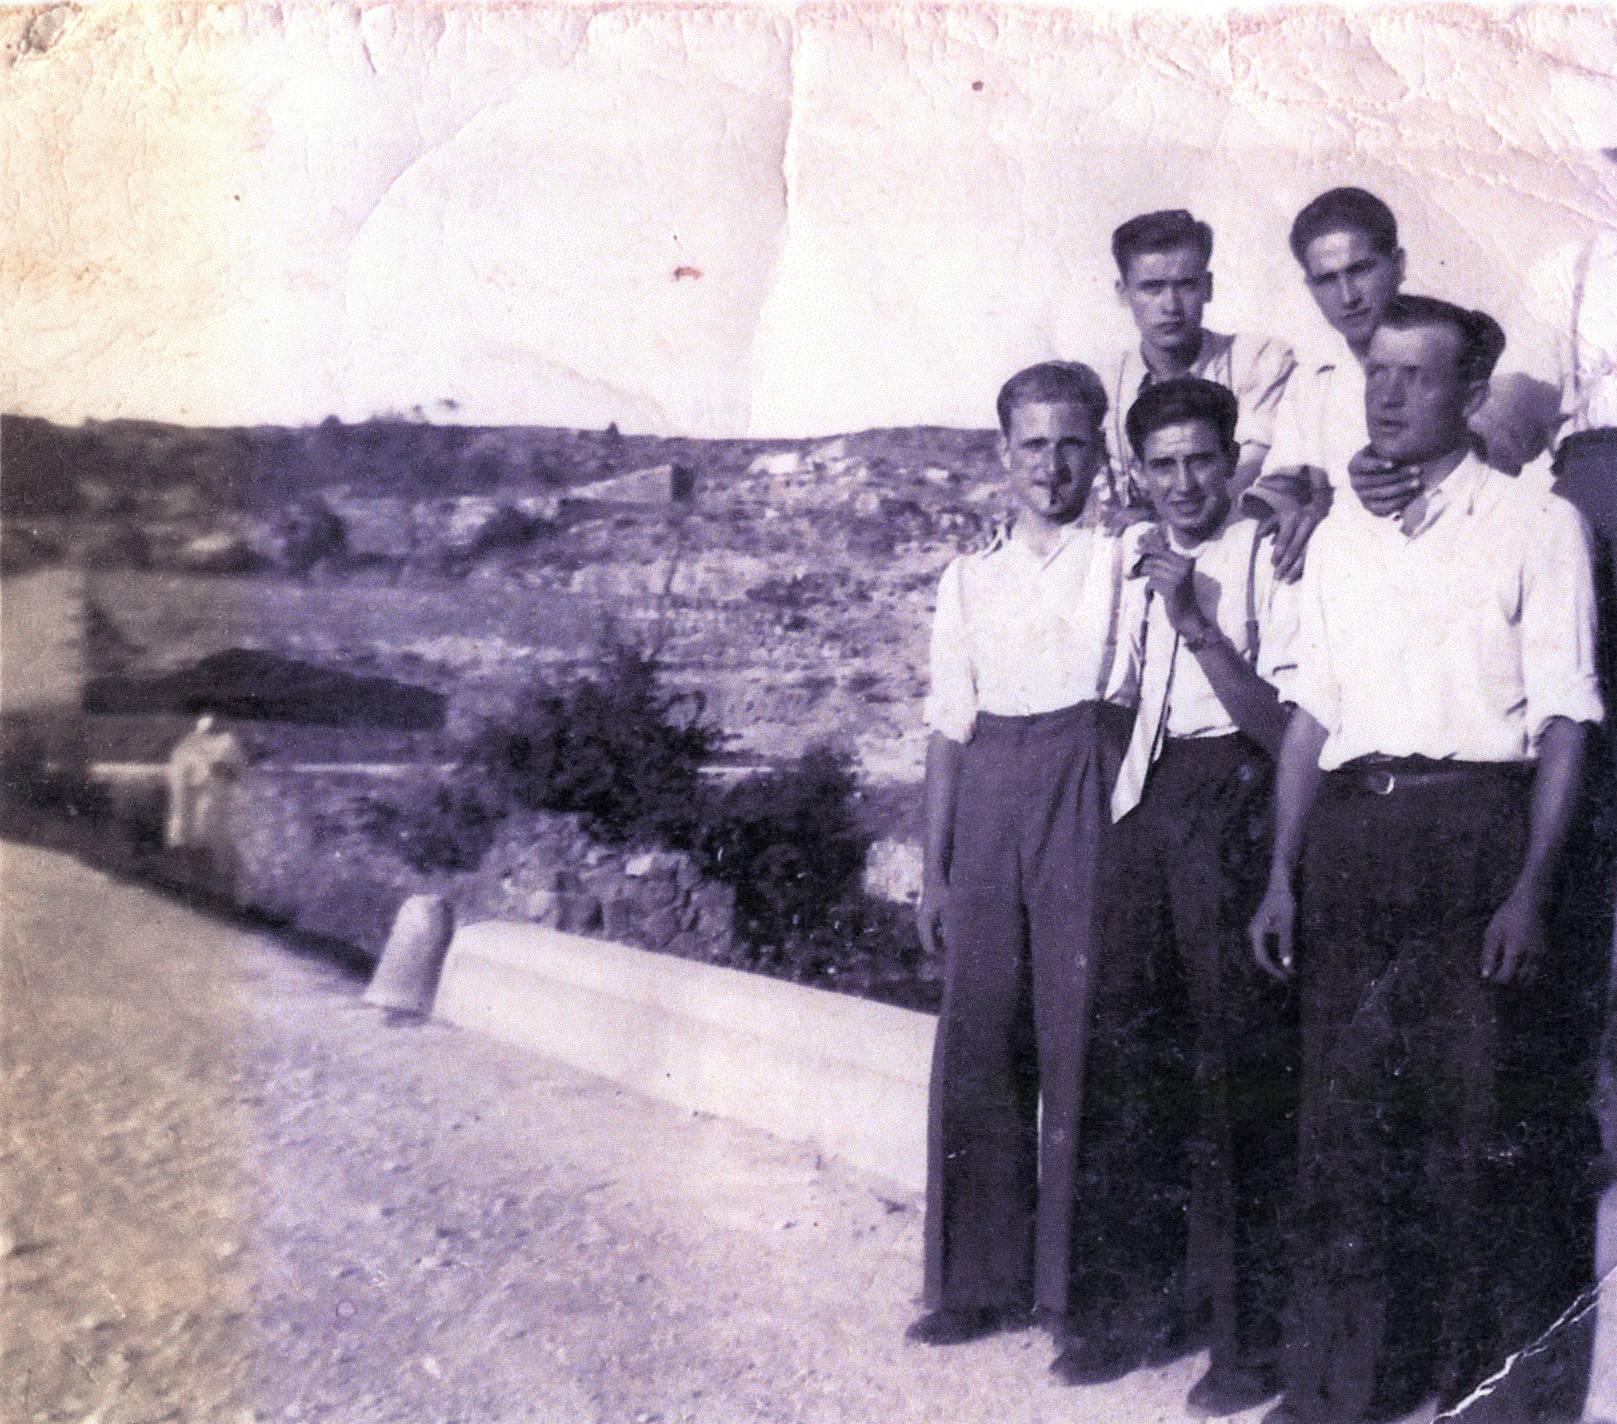 El Dolfo és el 1r. de dalt a l'esquerra en aquesta foto davant del bancal on ara hi ha Casa Ponet.